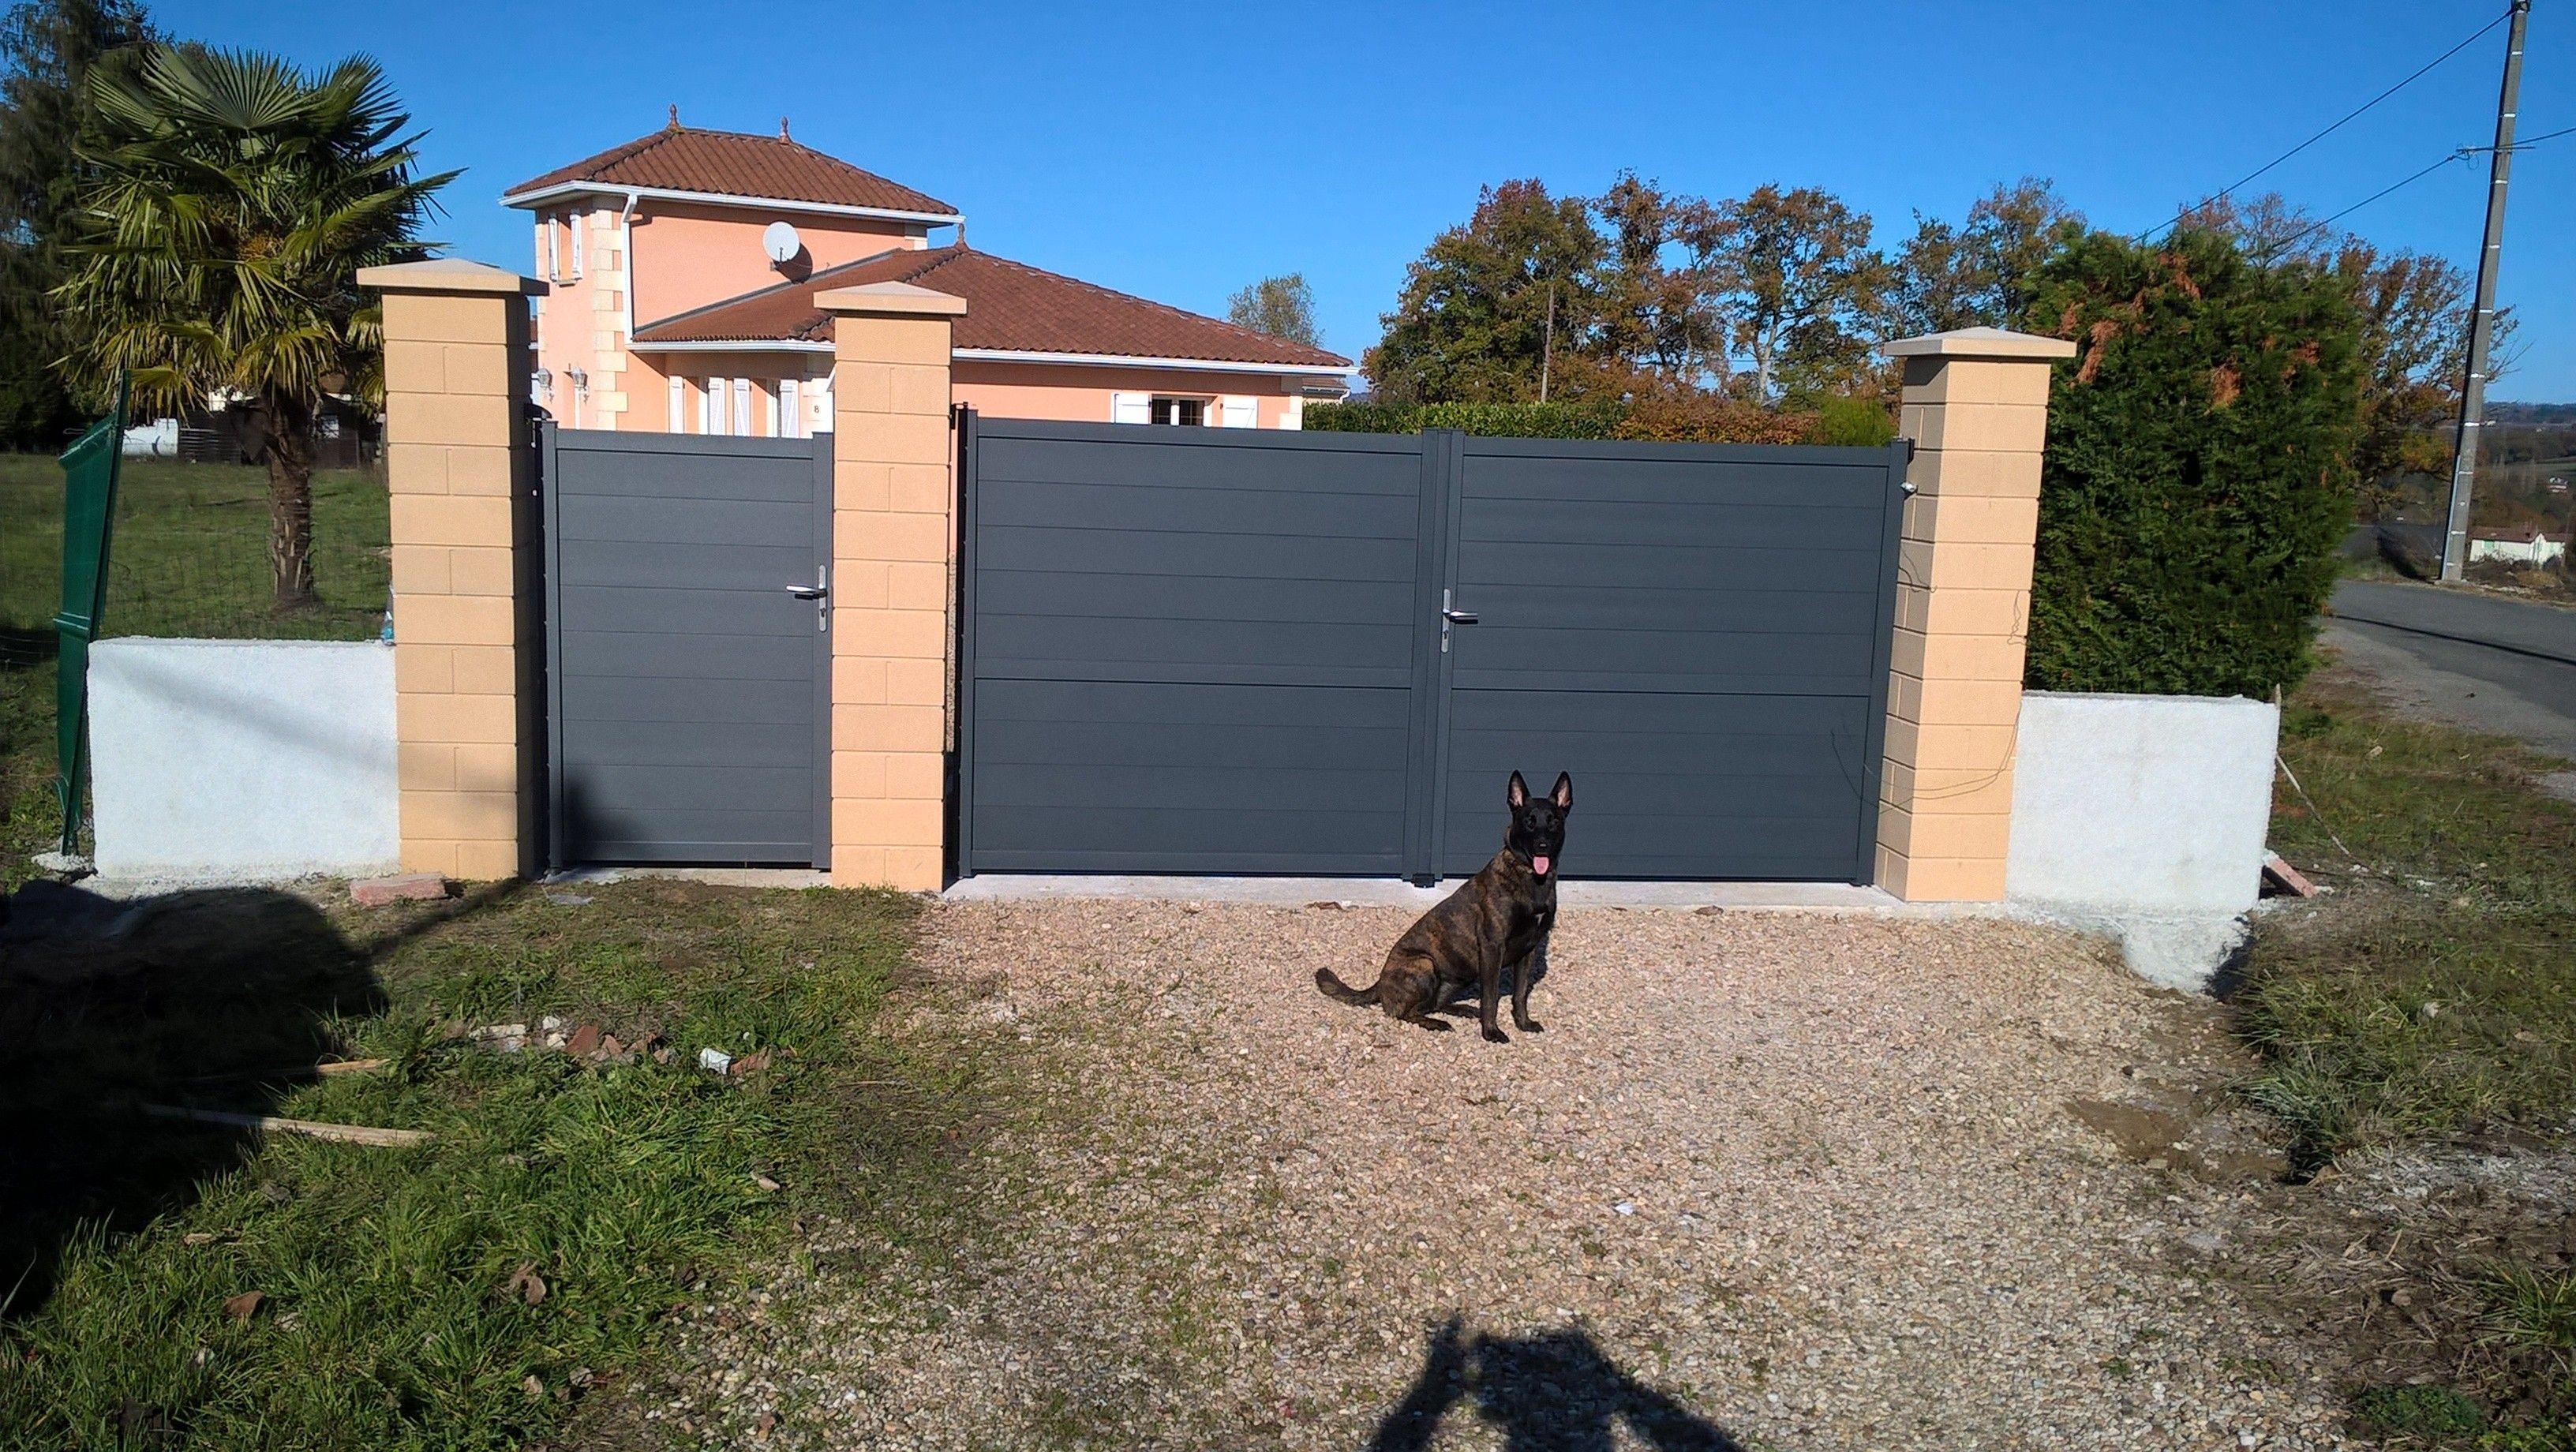 Portail Alu Perth Standard 3m H 170 Cm Portail Alu Portail Castorama